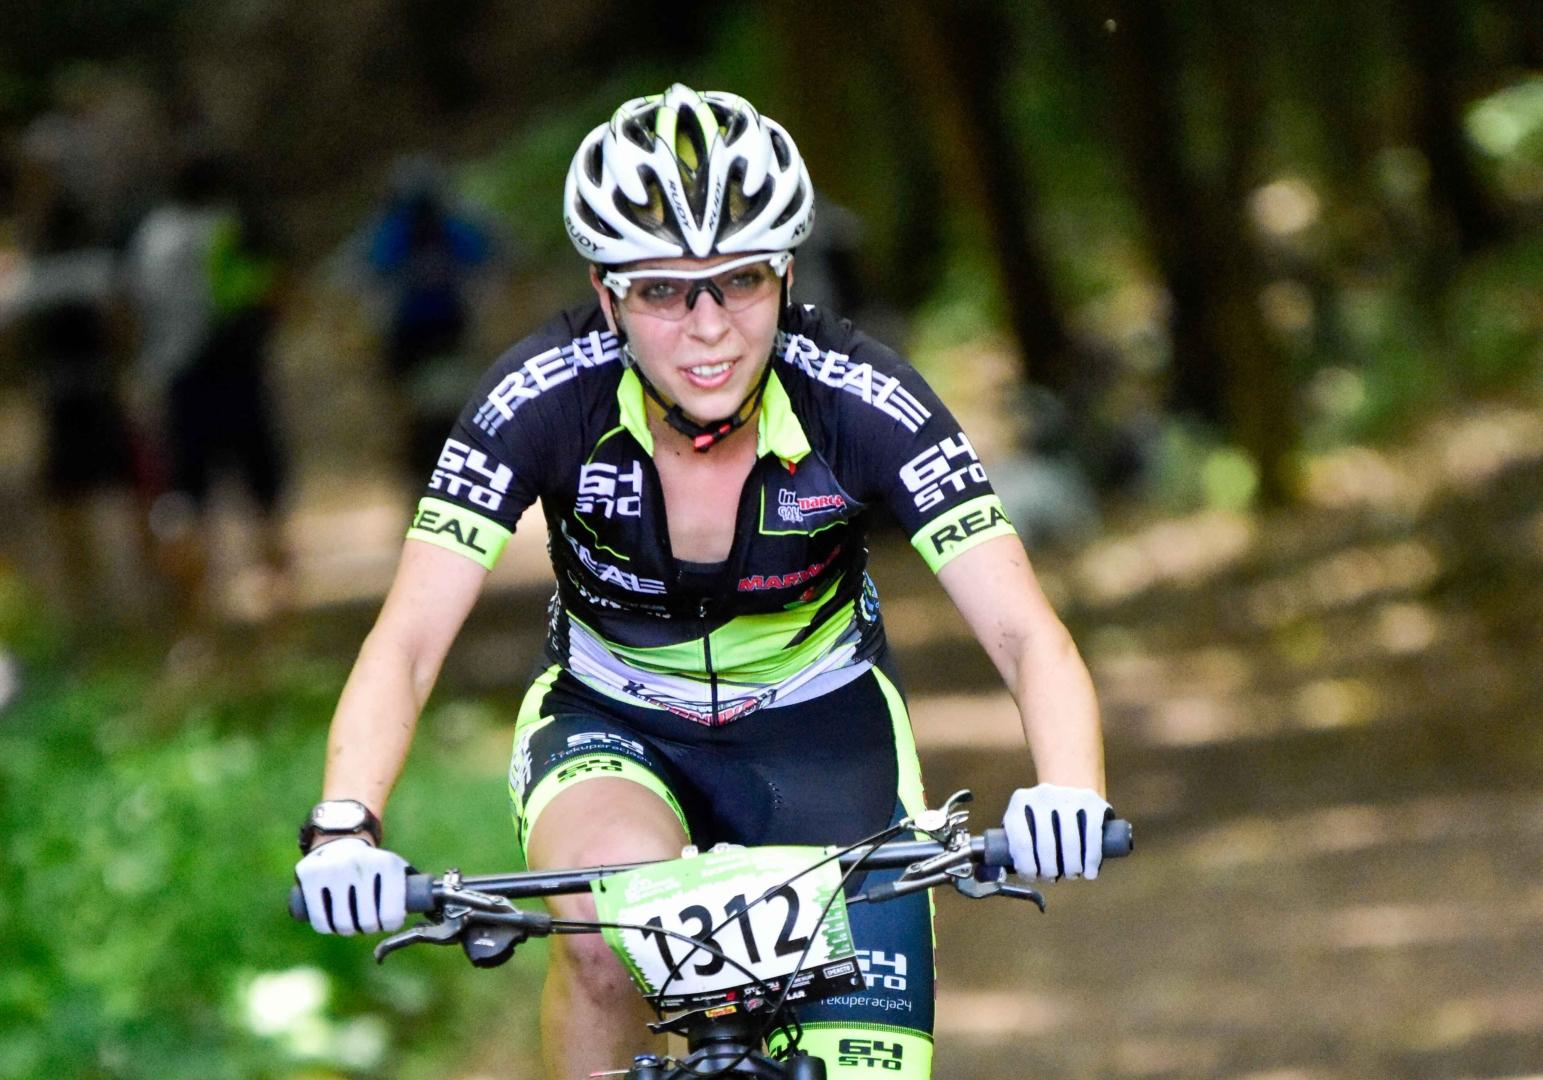 Katarzyna Hendrzyk – Majewska (Real 64sto) – Kaczmarek Electric MTB, Zielona Góra